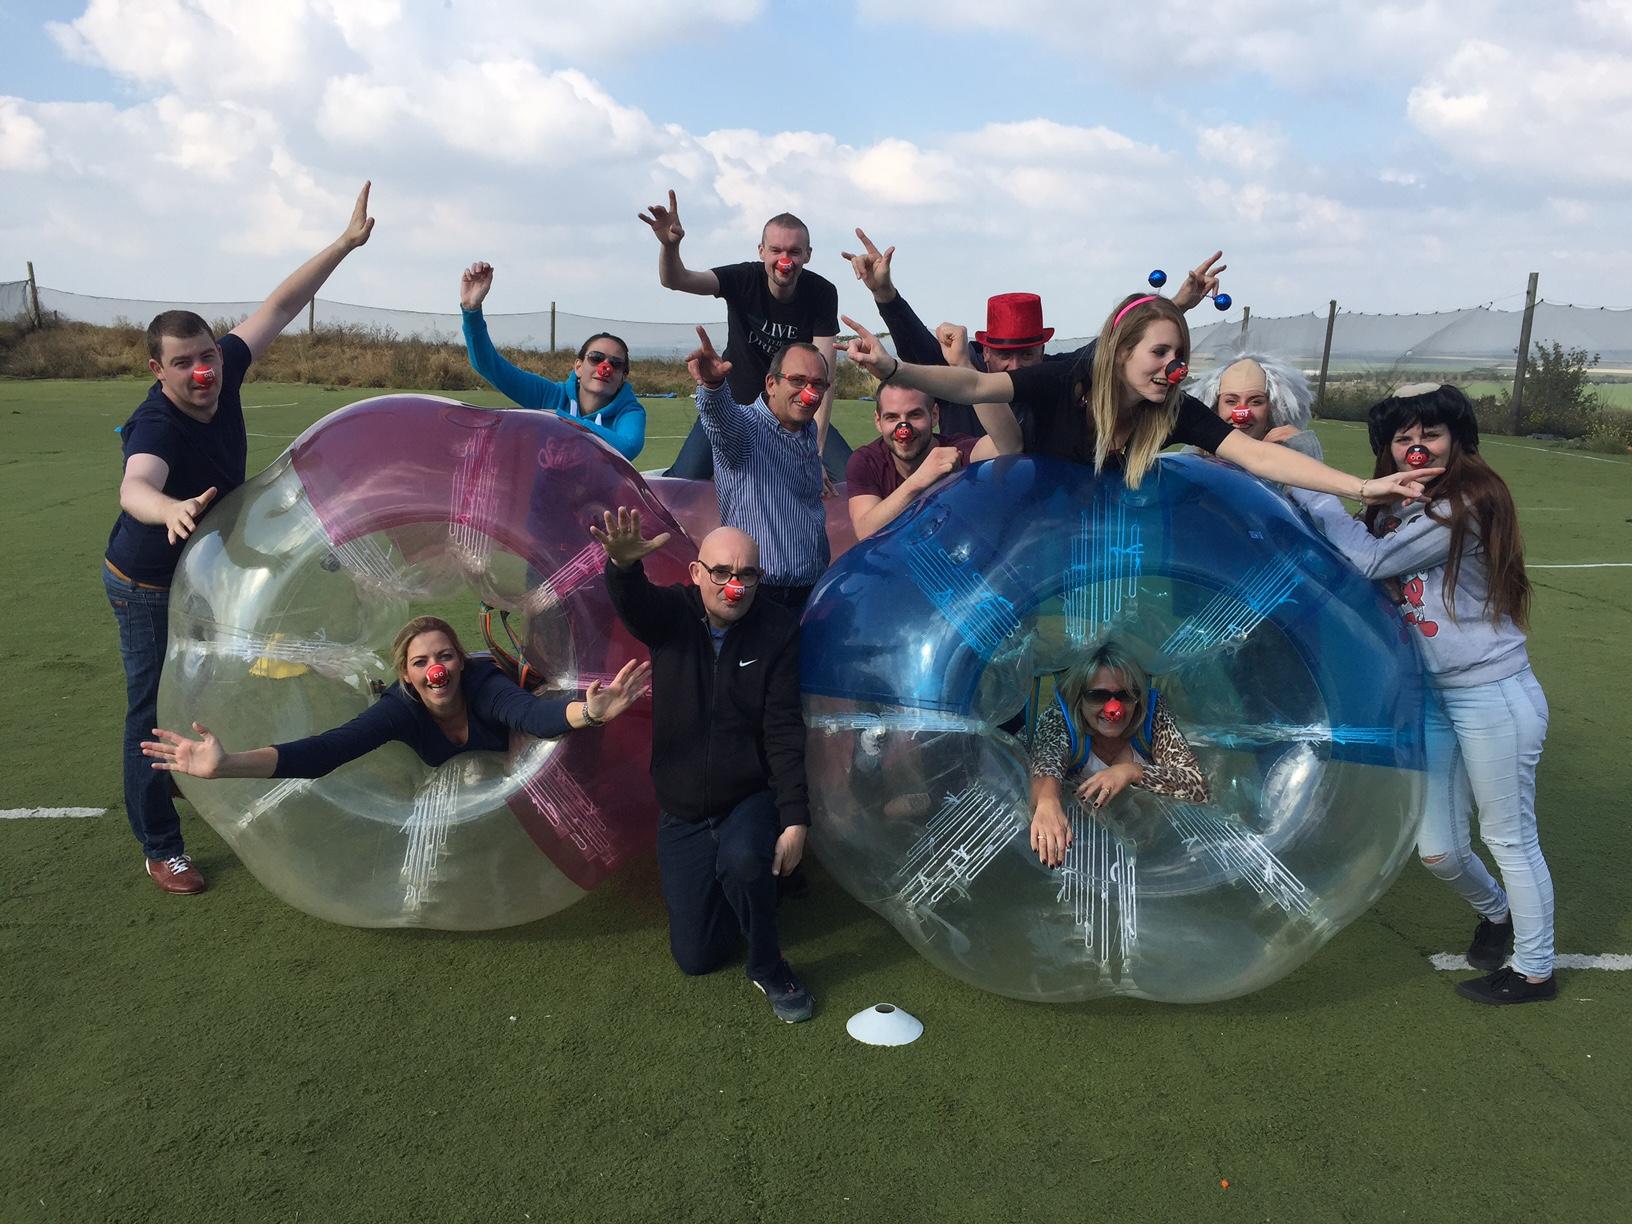 Le Bubble foot débarque à Reims